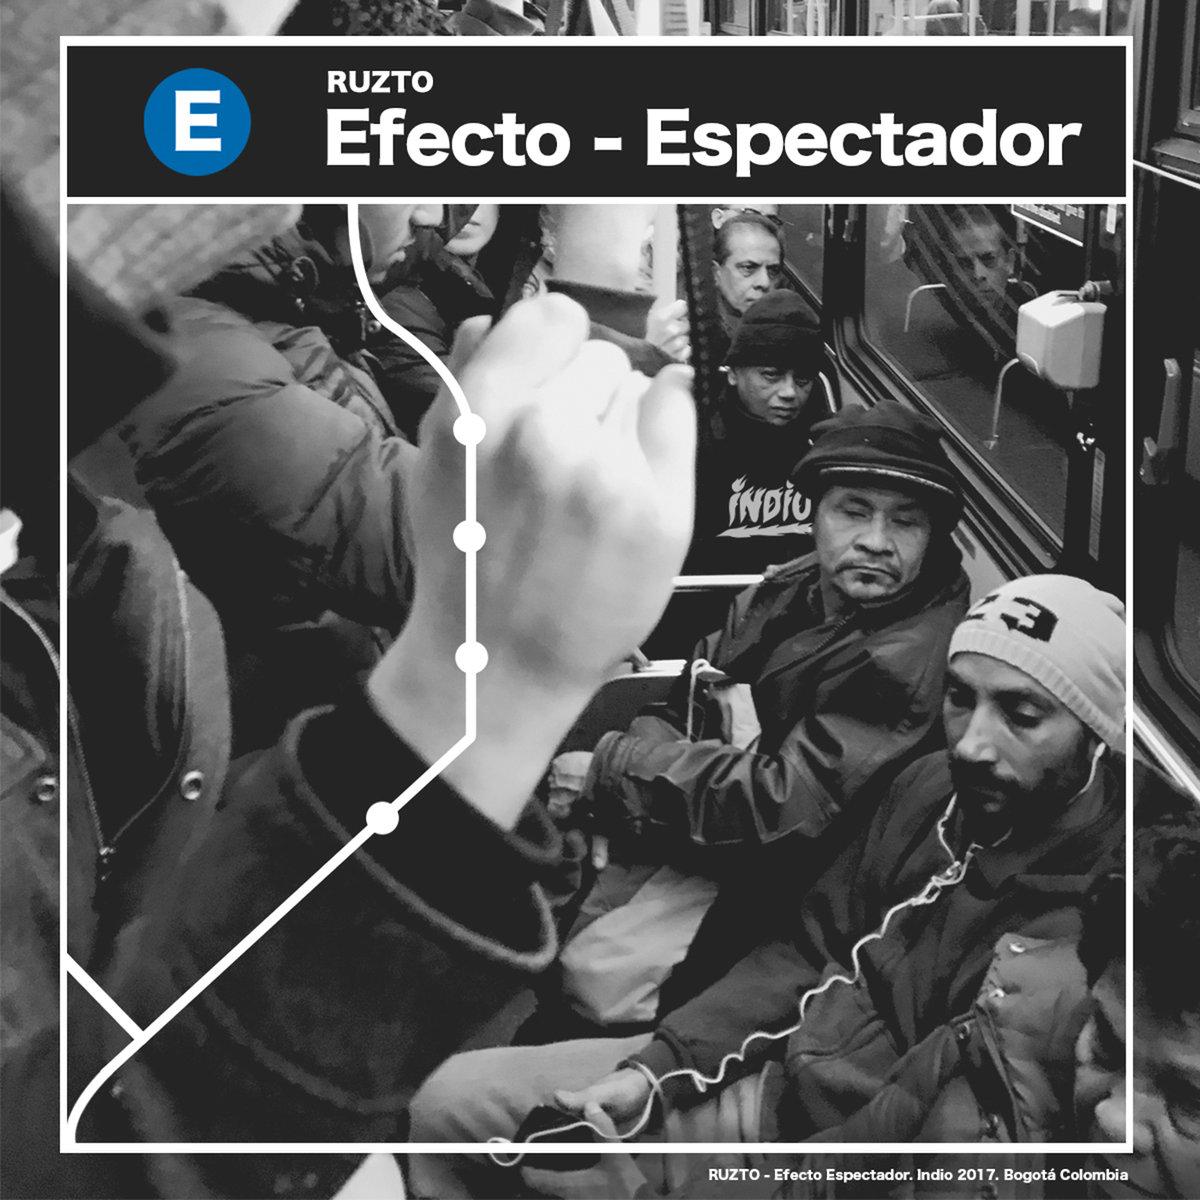 Efecto_espectador